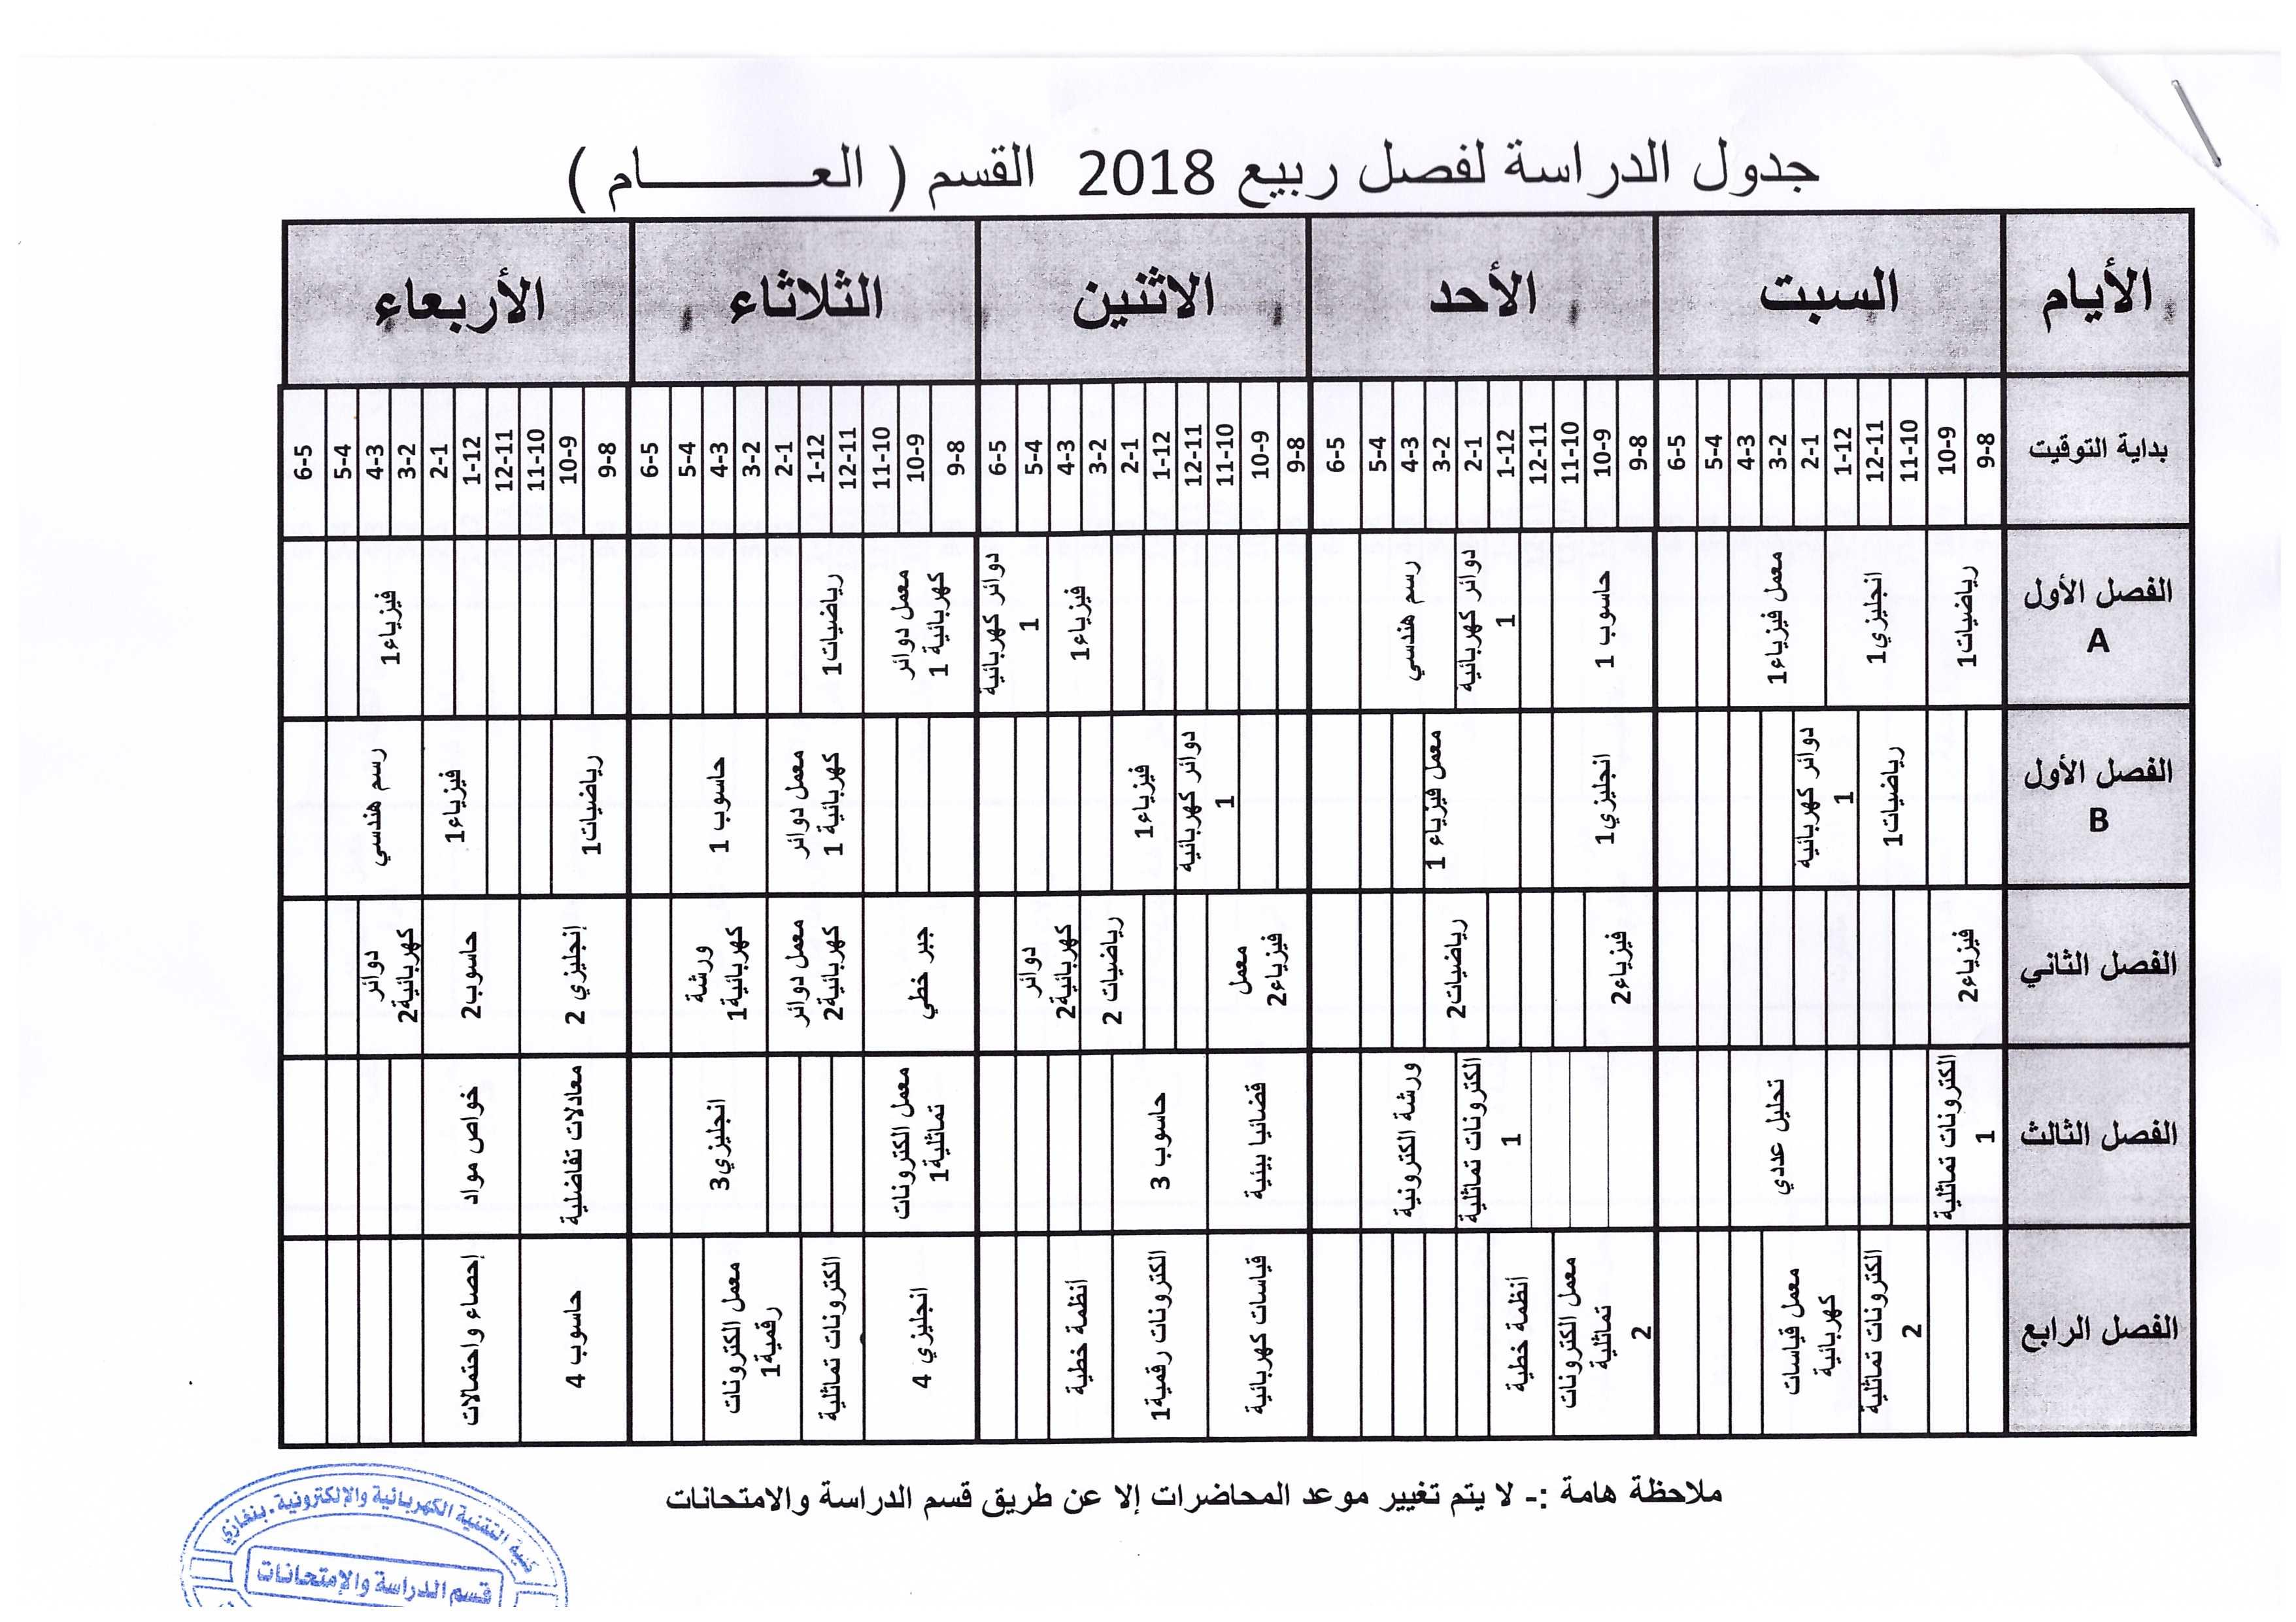 جدول الدراسة. للفصل الدراسي ربيع 2018